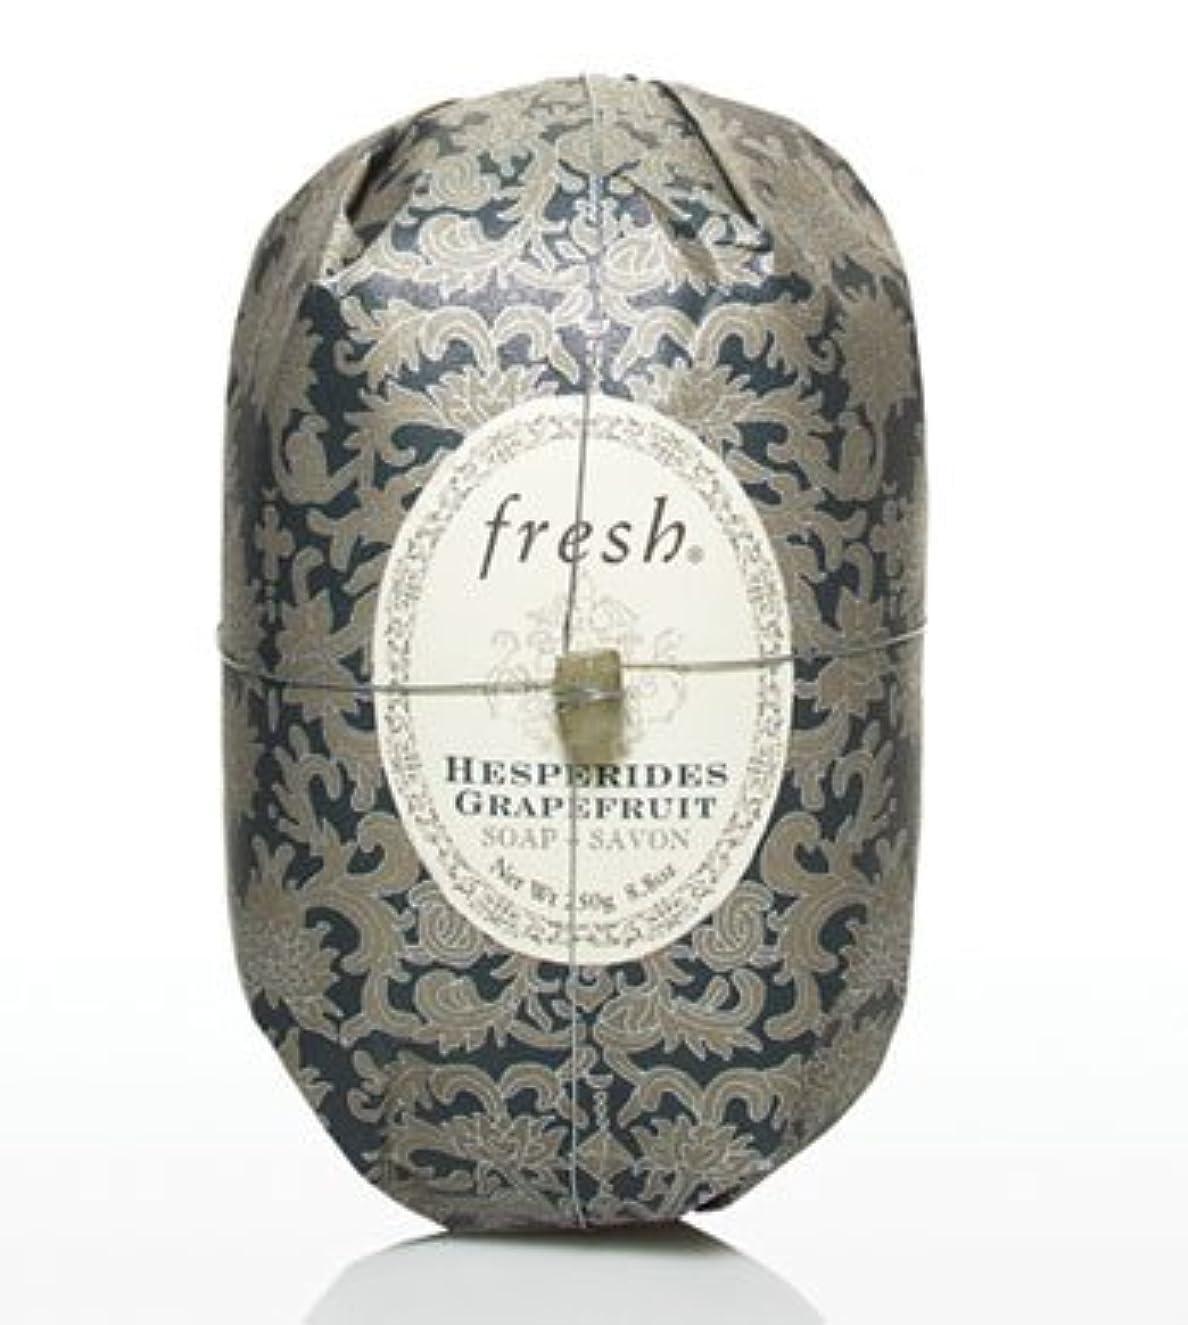 フォルダ固有の鋭くFresh HESPERIDES GRAPEFRUIT SOAP (フレッシュ ヘスペリデス グレープフルーツ ソープ) 8.8 oz (250g) Soap (石鹸) by Fresh